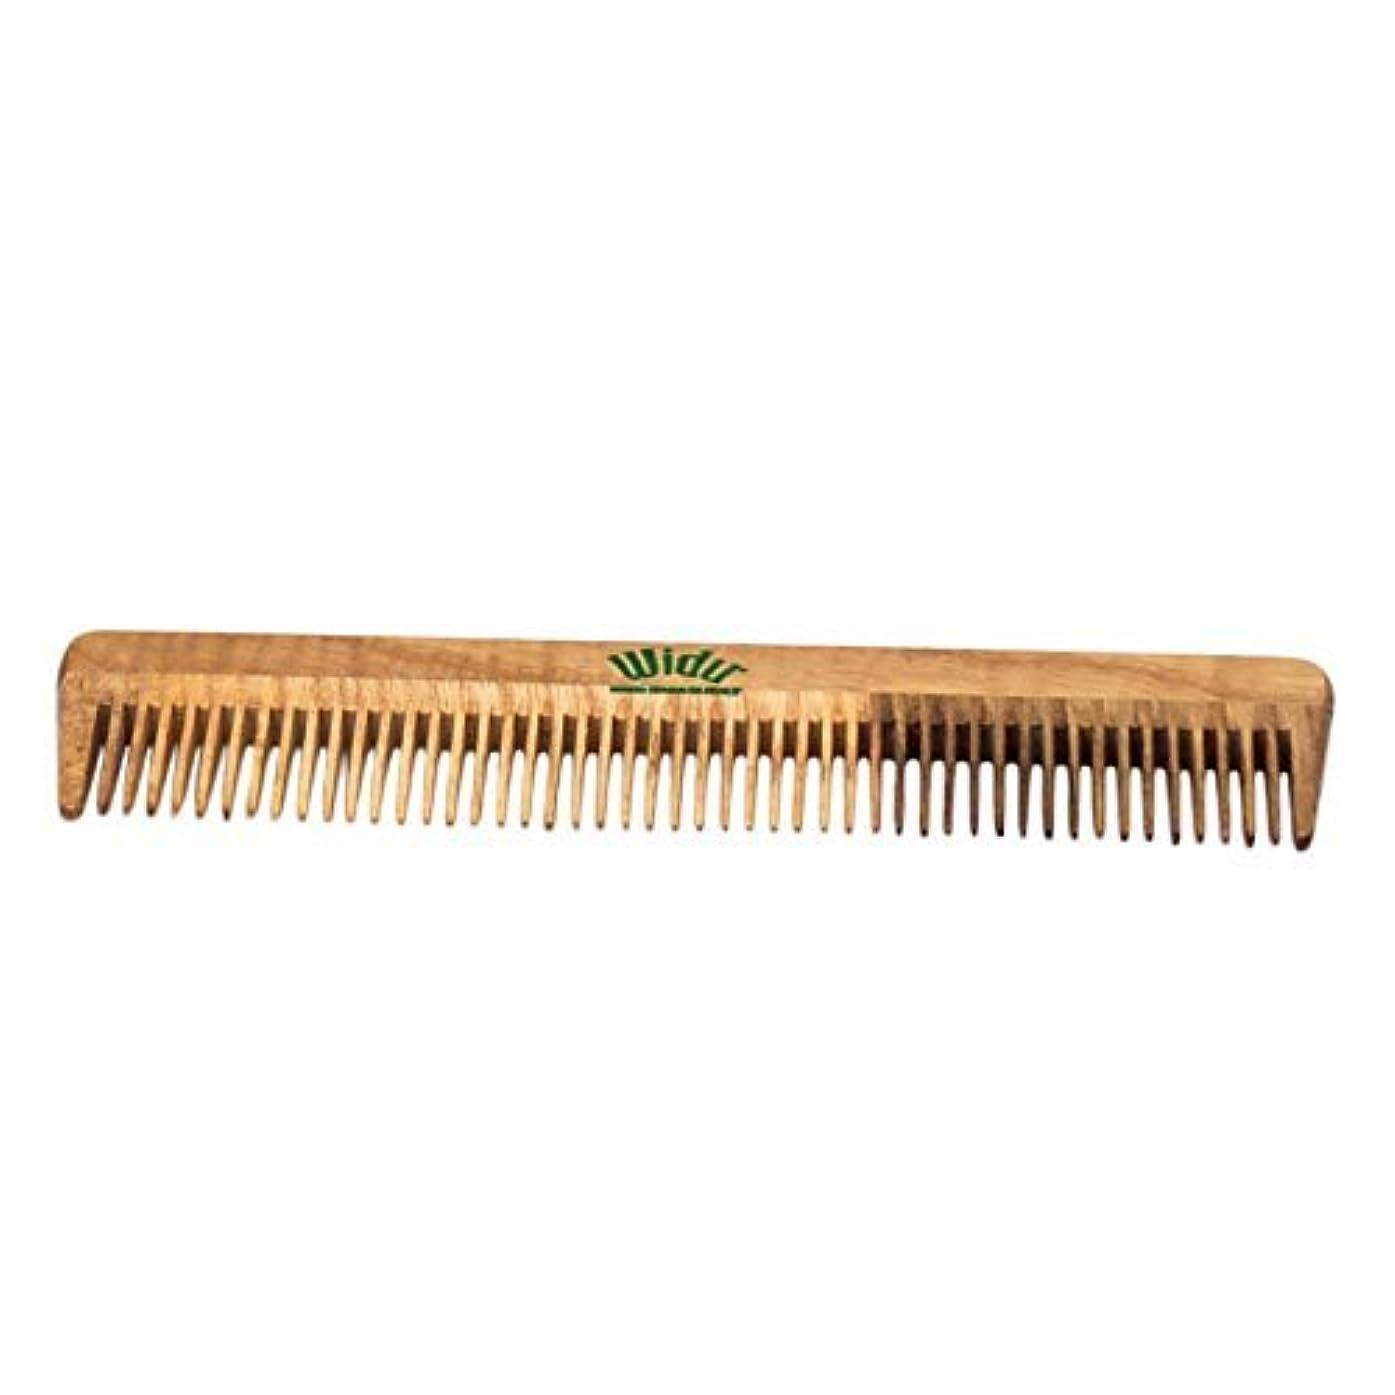 範囲シロクマドームSmall Comb with Thin Spaced Teeth 1 Count [並行輸入品]